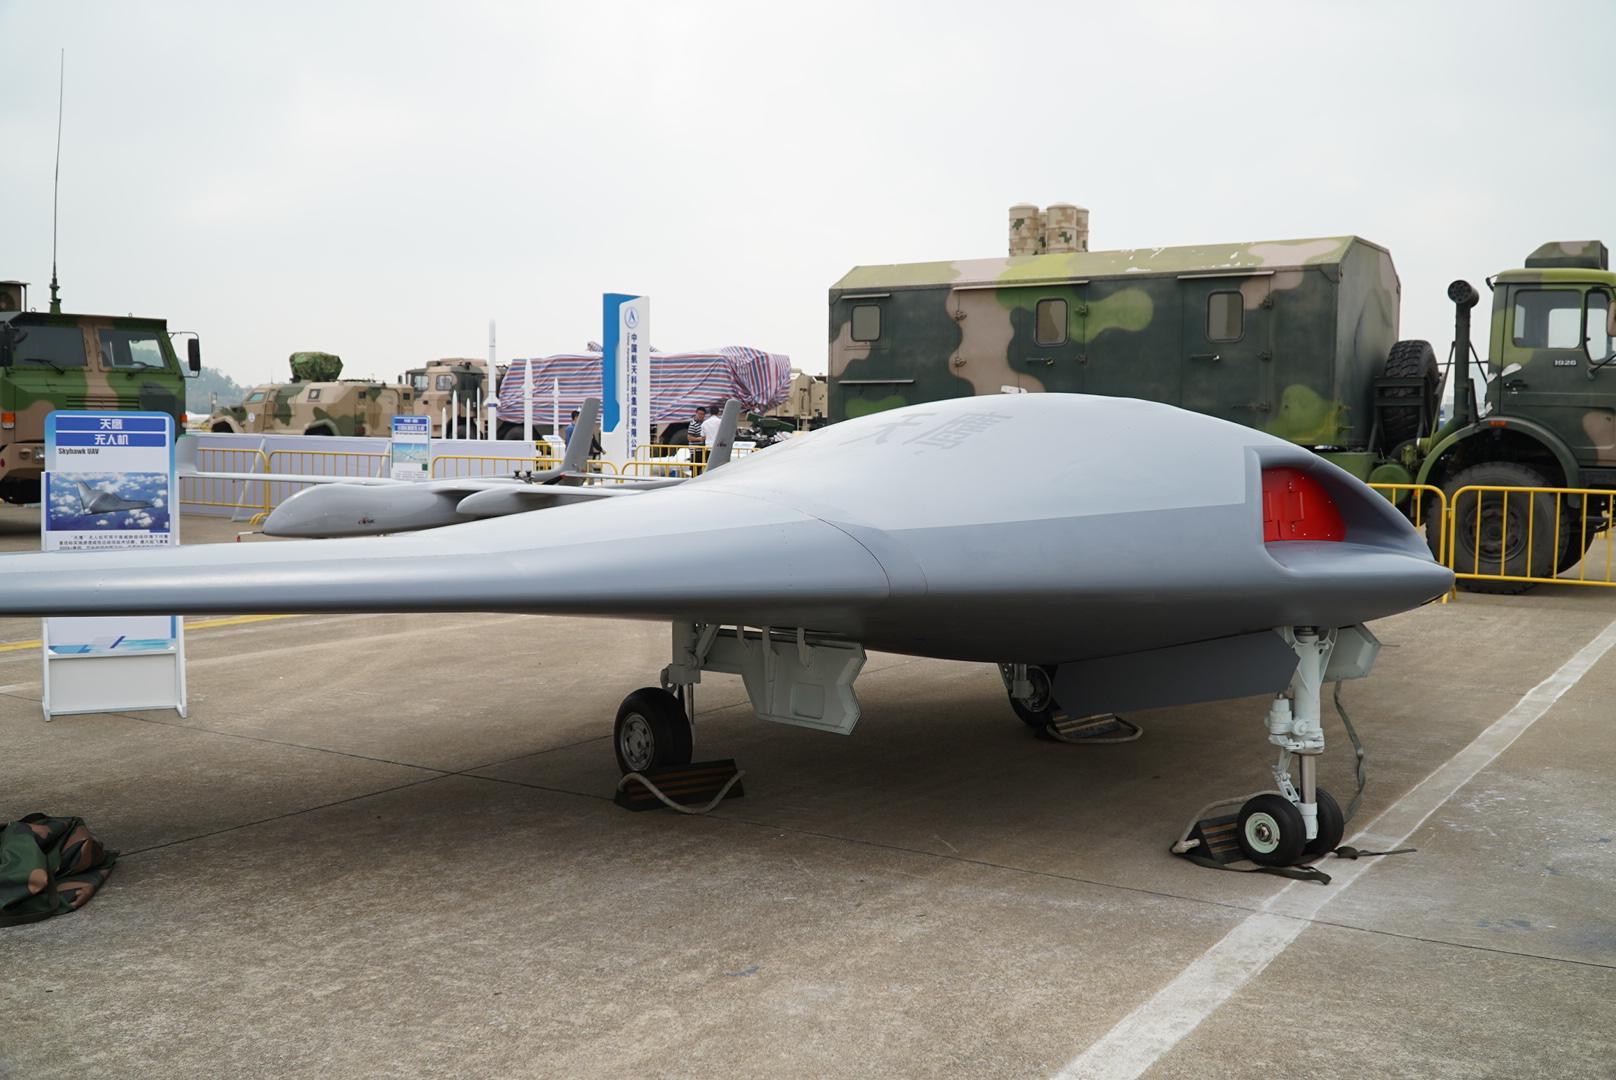 中国版X-47B?国产飞翼布局隐身无人机亮相